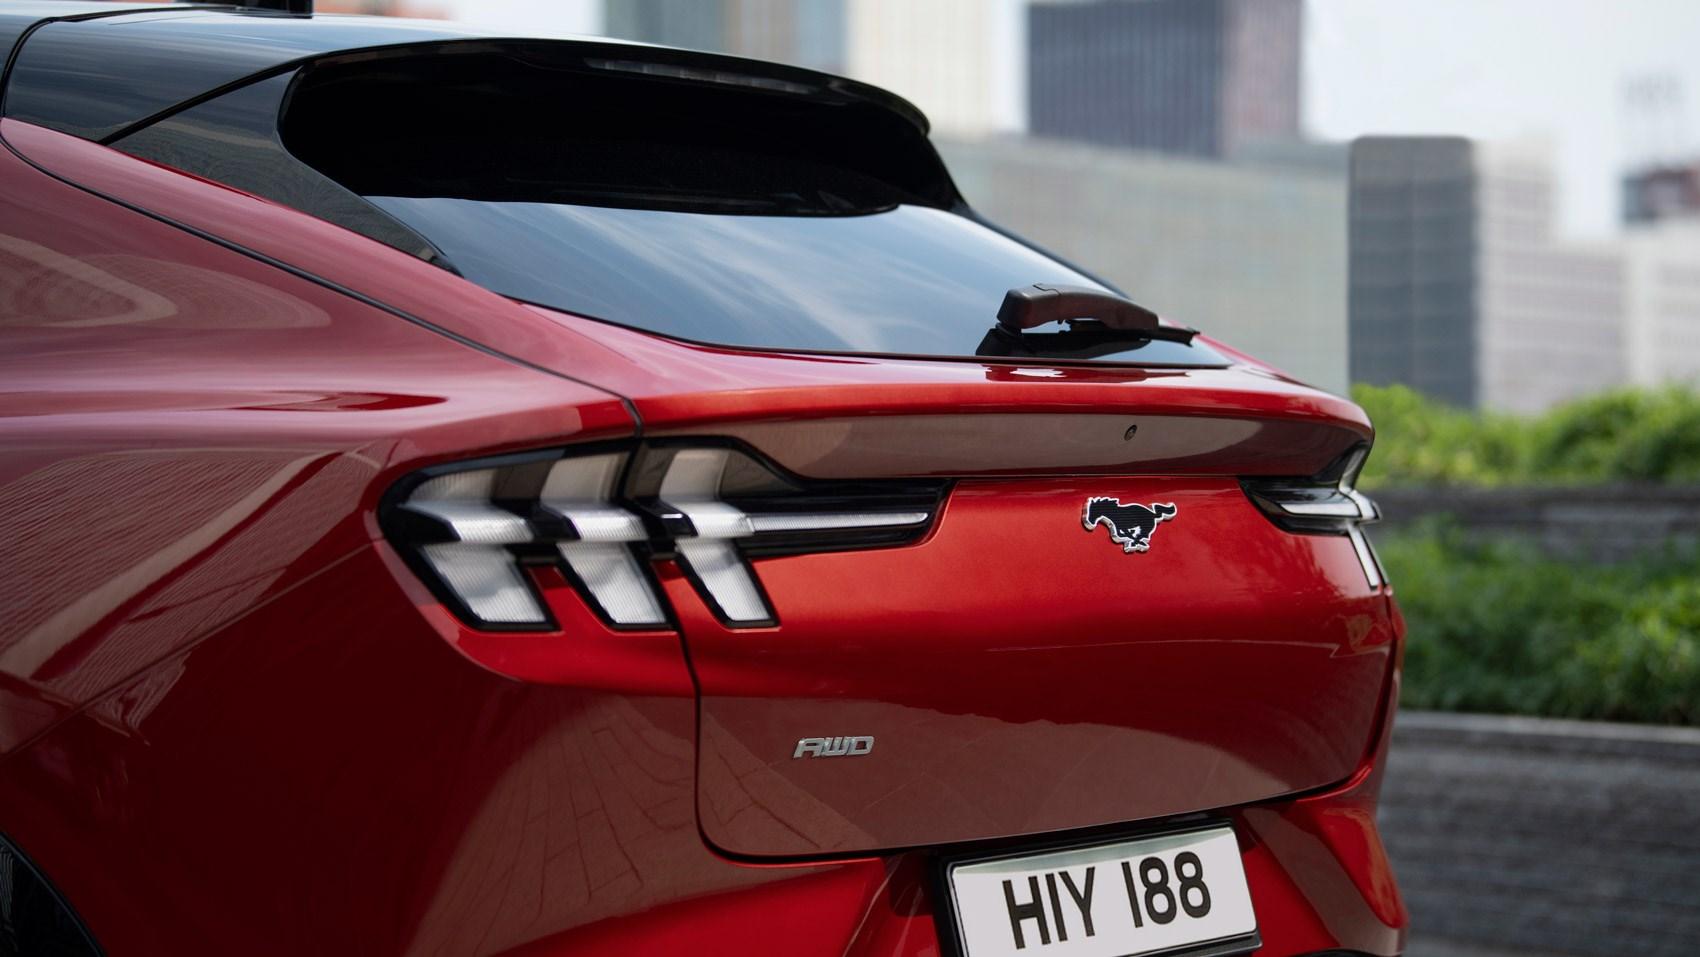 Mach-E rear detail